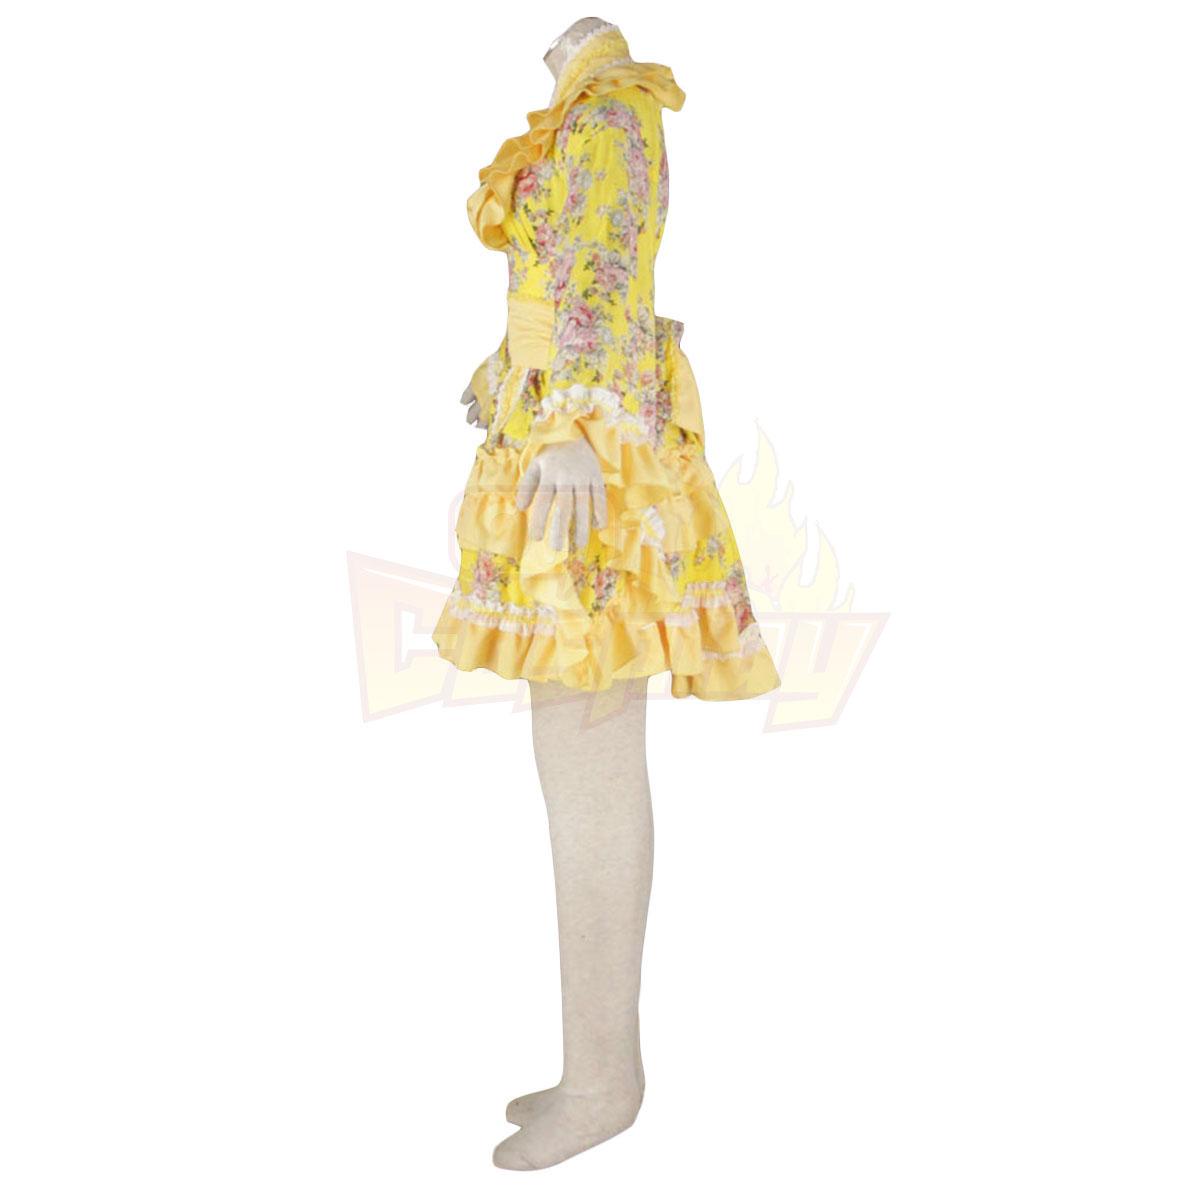 호화로운 로리타 문화 노란색 의류 타이어 짧은 드레스 기모노 코스프레 의상